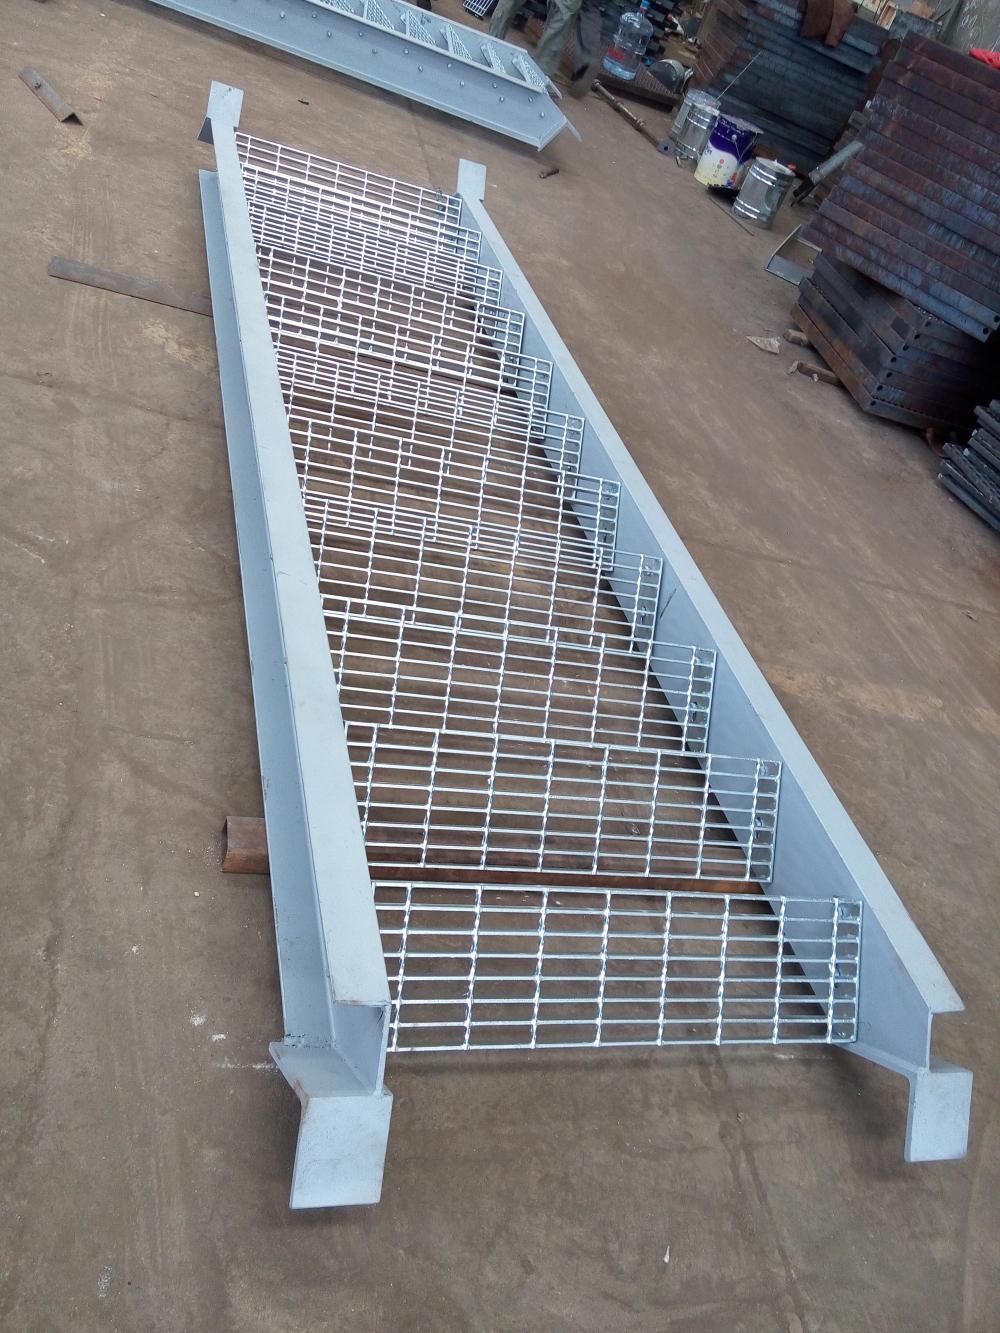 Mild Steel Grating Composite Outdoor Stair Tread Buy Steel Outdoor Composite Stair Treads